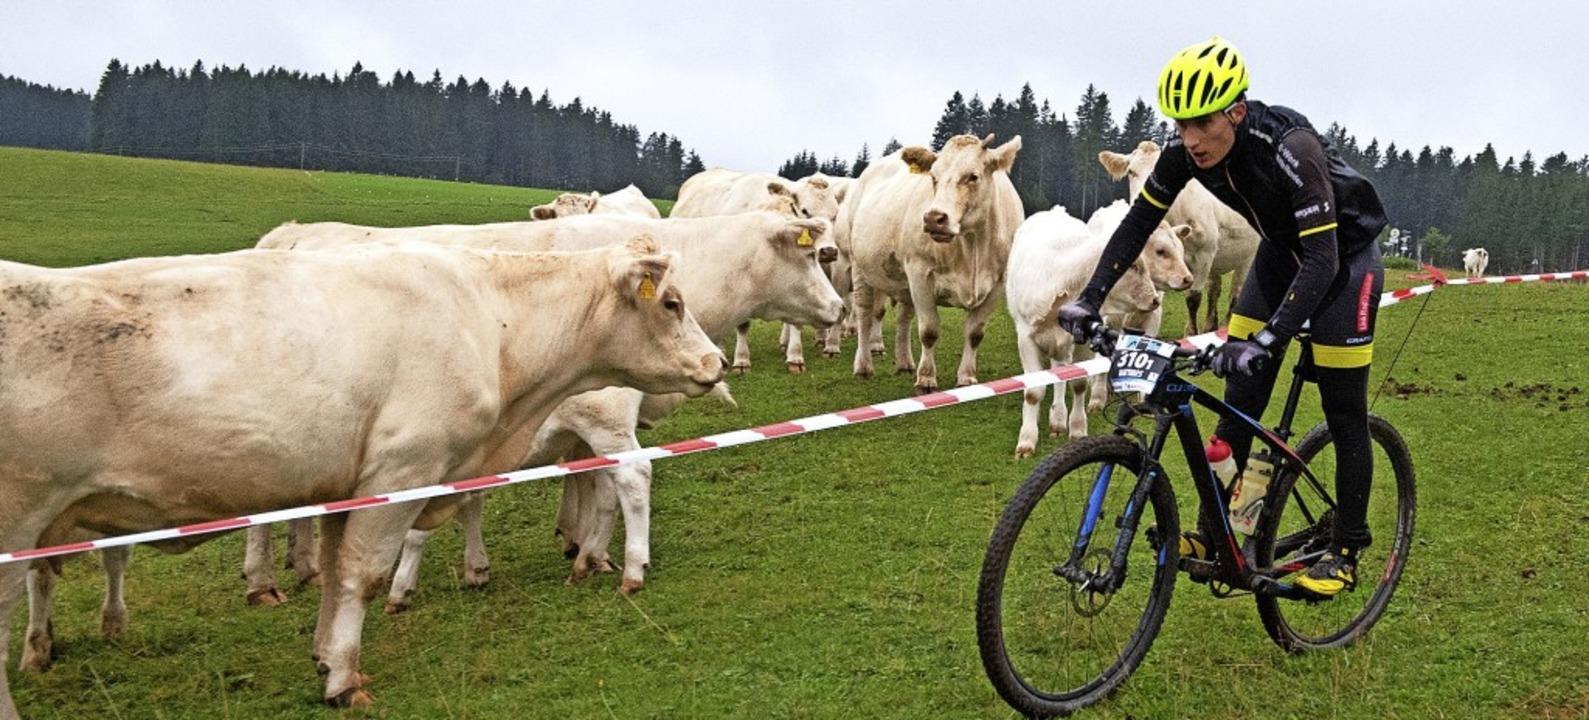 Charolais-Rinder als entspannte Zuscha...ebten die Mountainbiker an der Neueck.  | Foto: Wolfgang Scheu